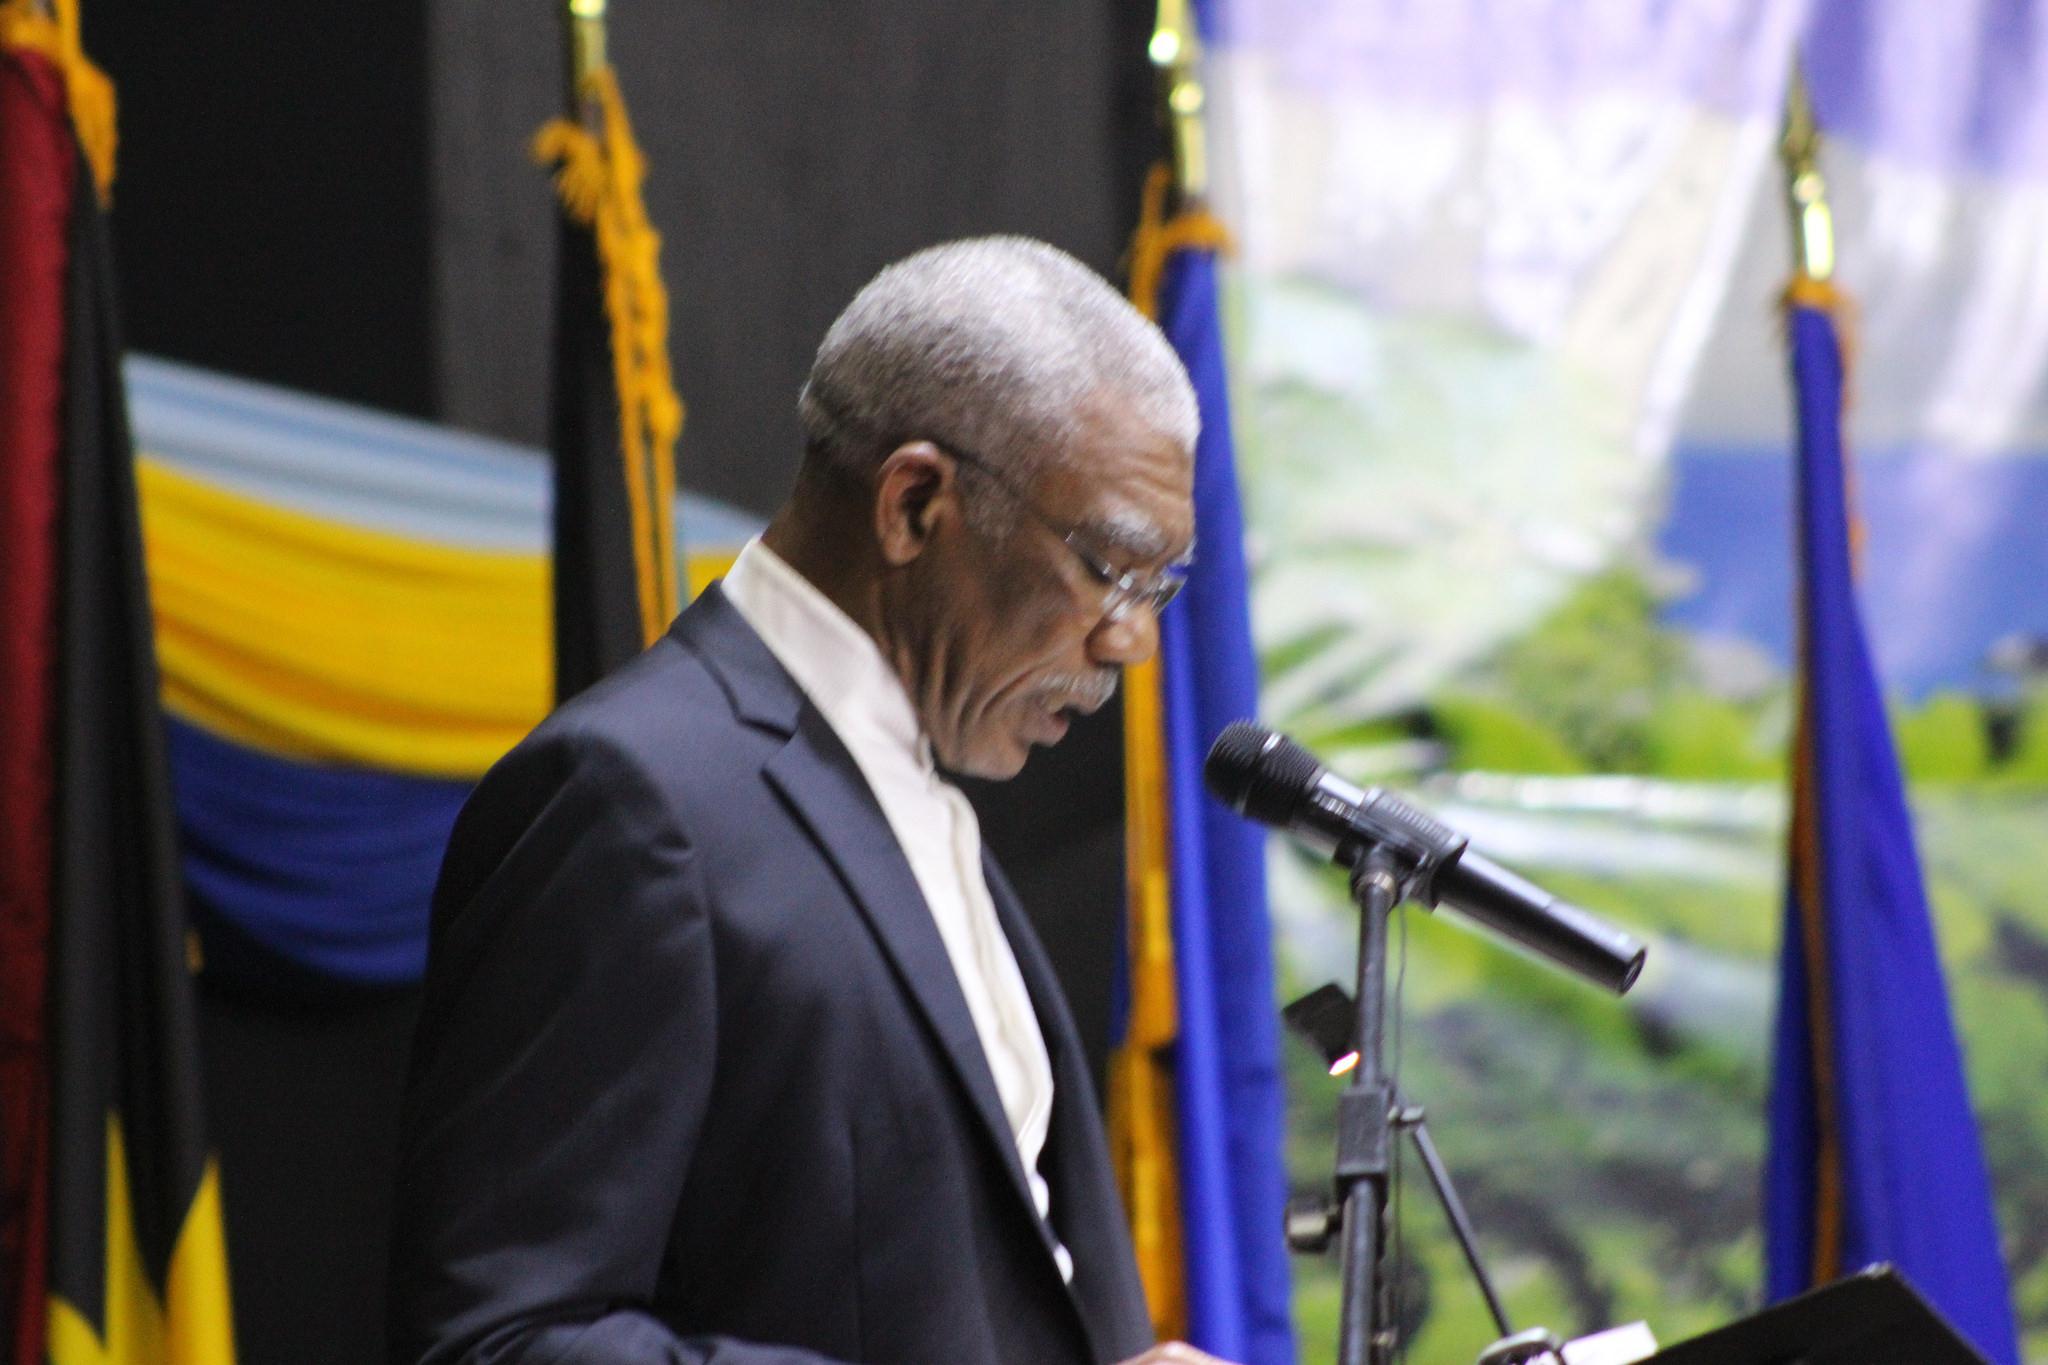 Outgoing Chairman of CARICOM H.E. David Granger